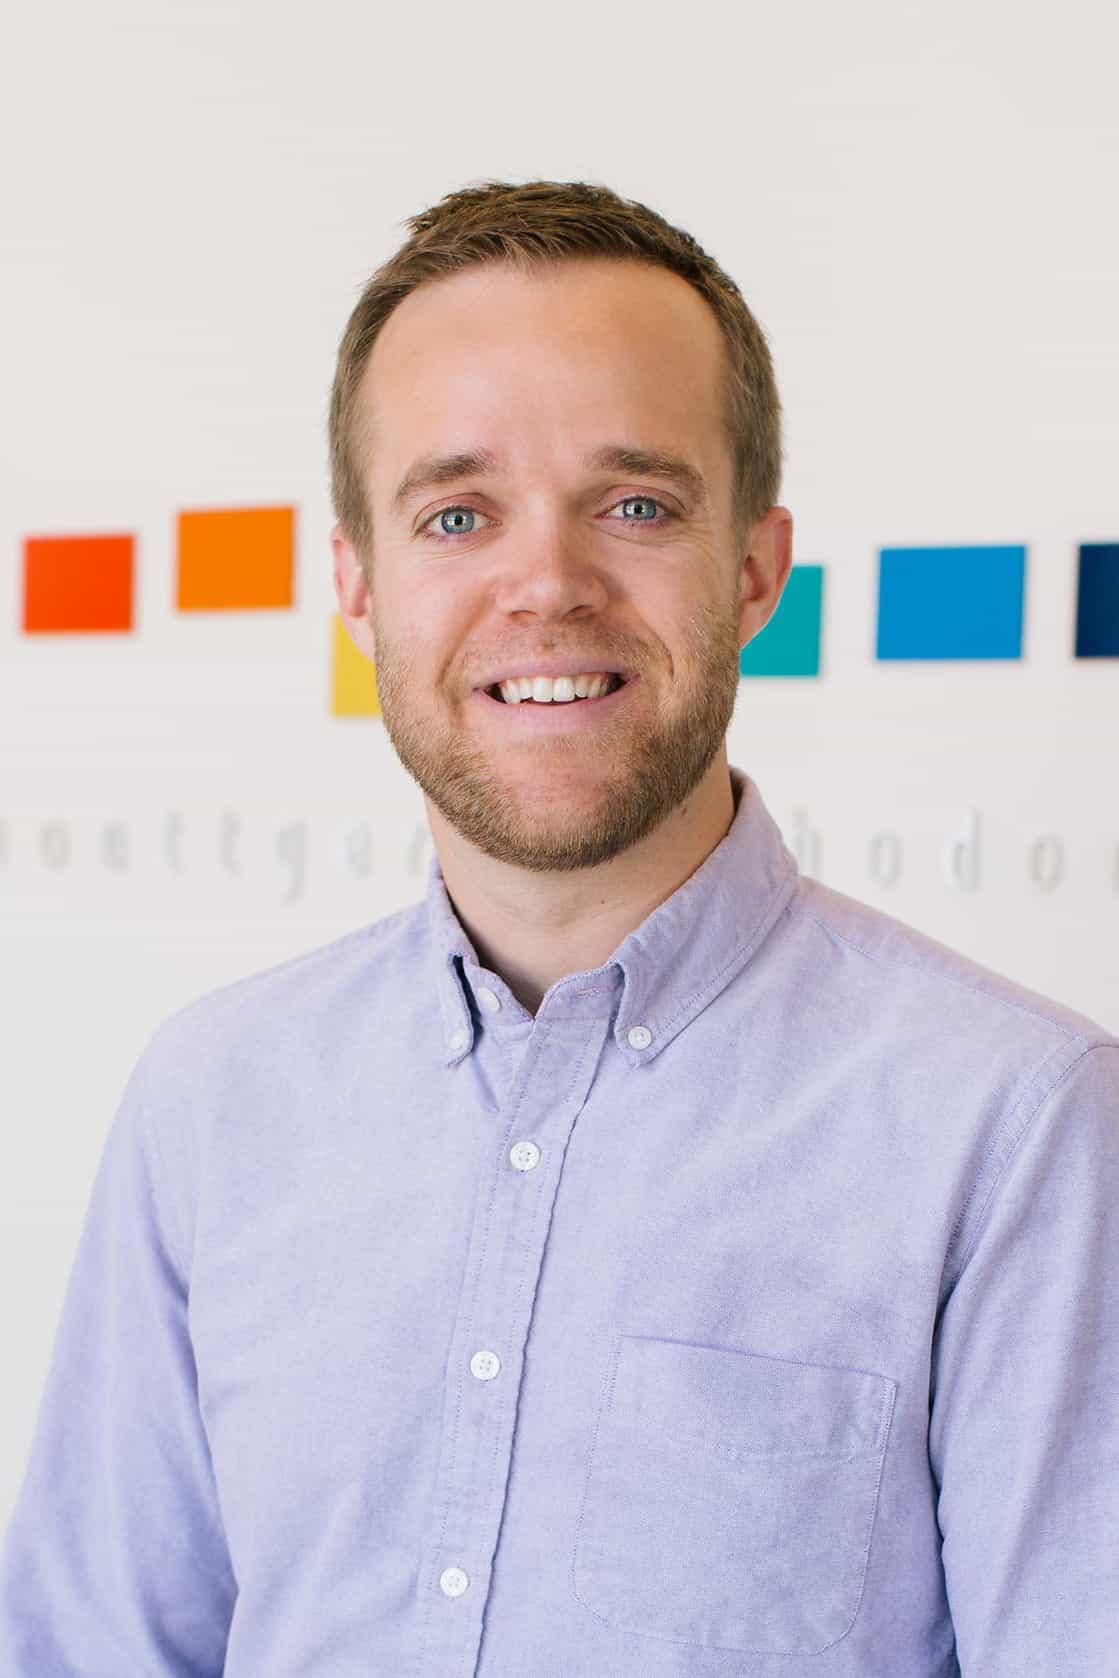 Dr. Jared schoettger